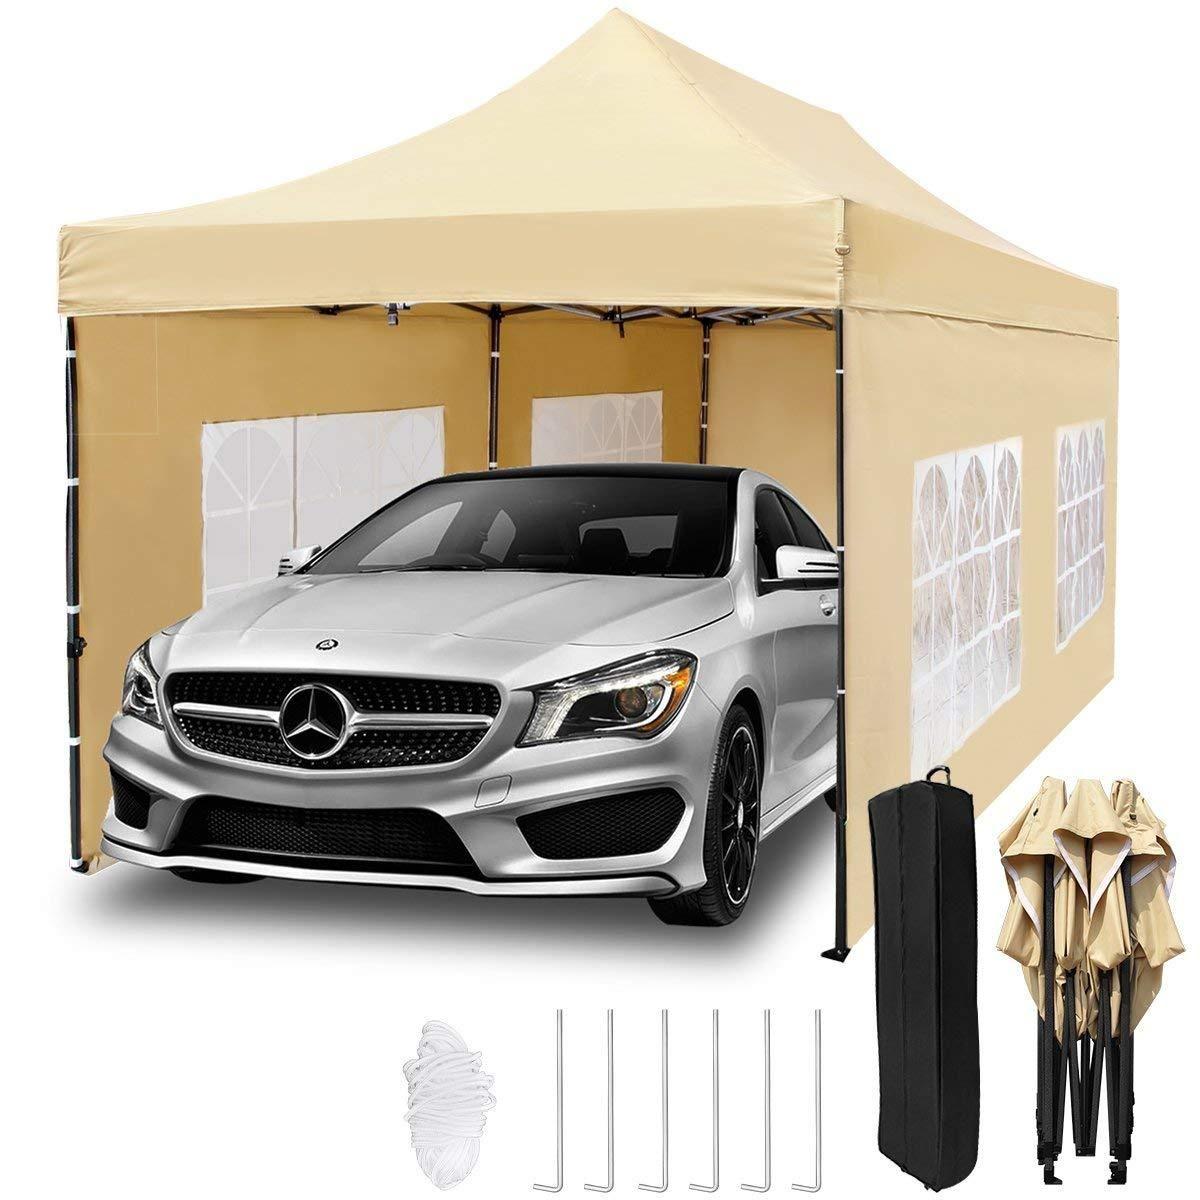 10x20 ft Pop up Canopy Tent Carport, Heavy Duty Waterproof